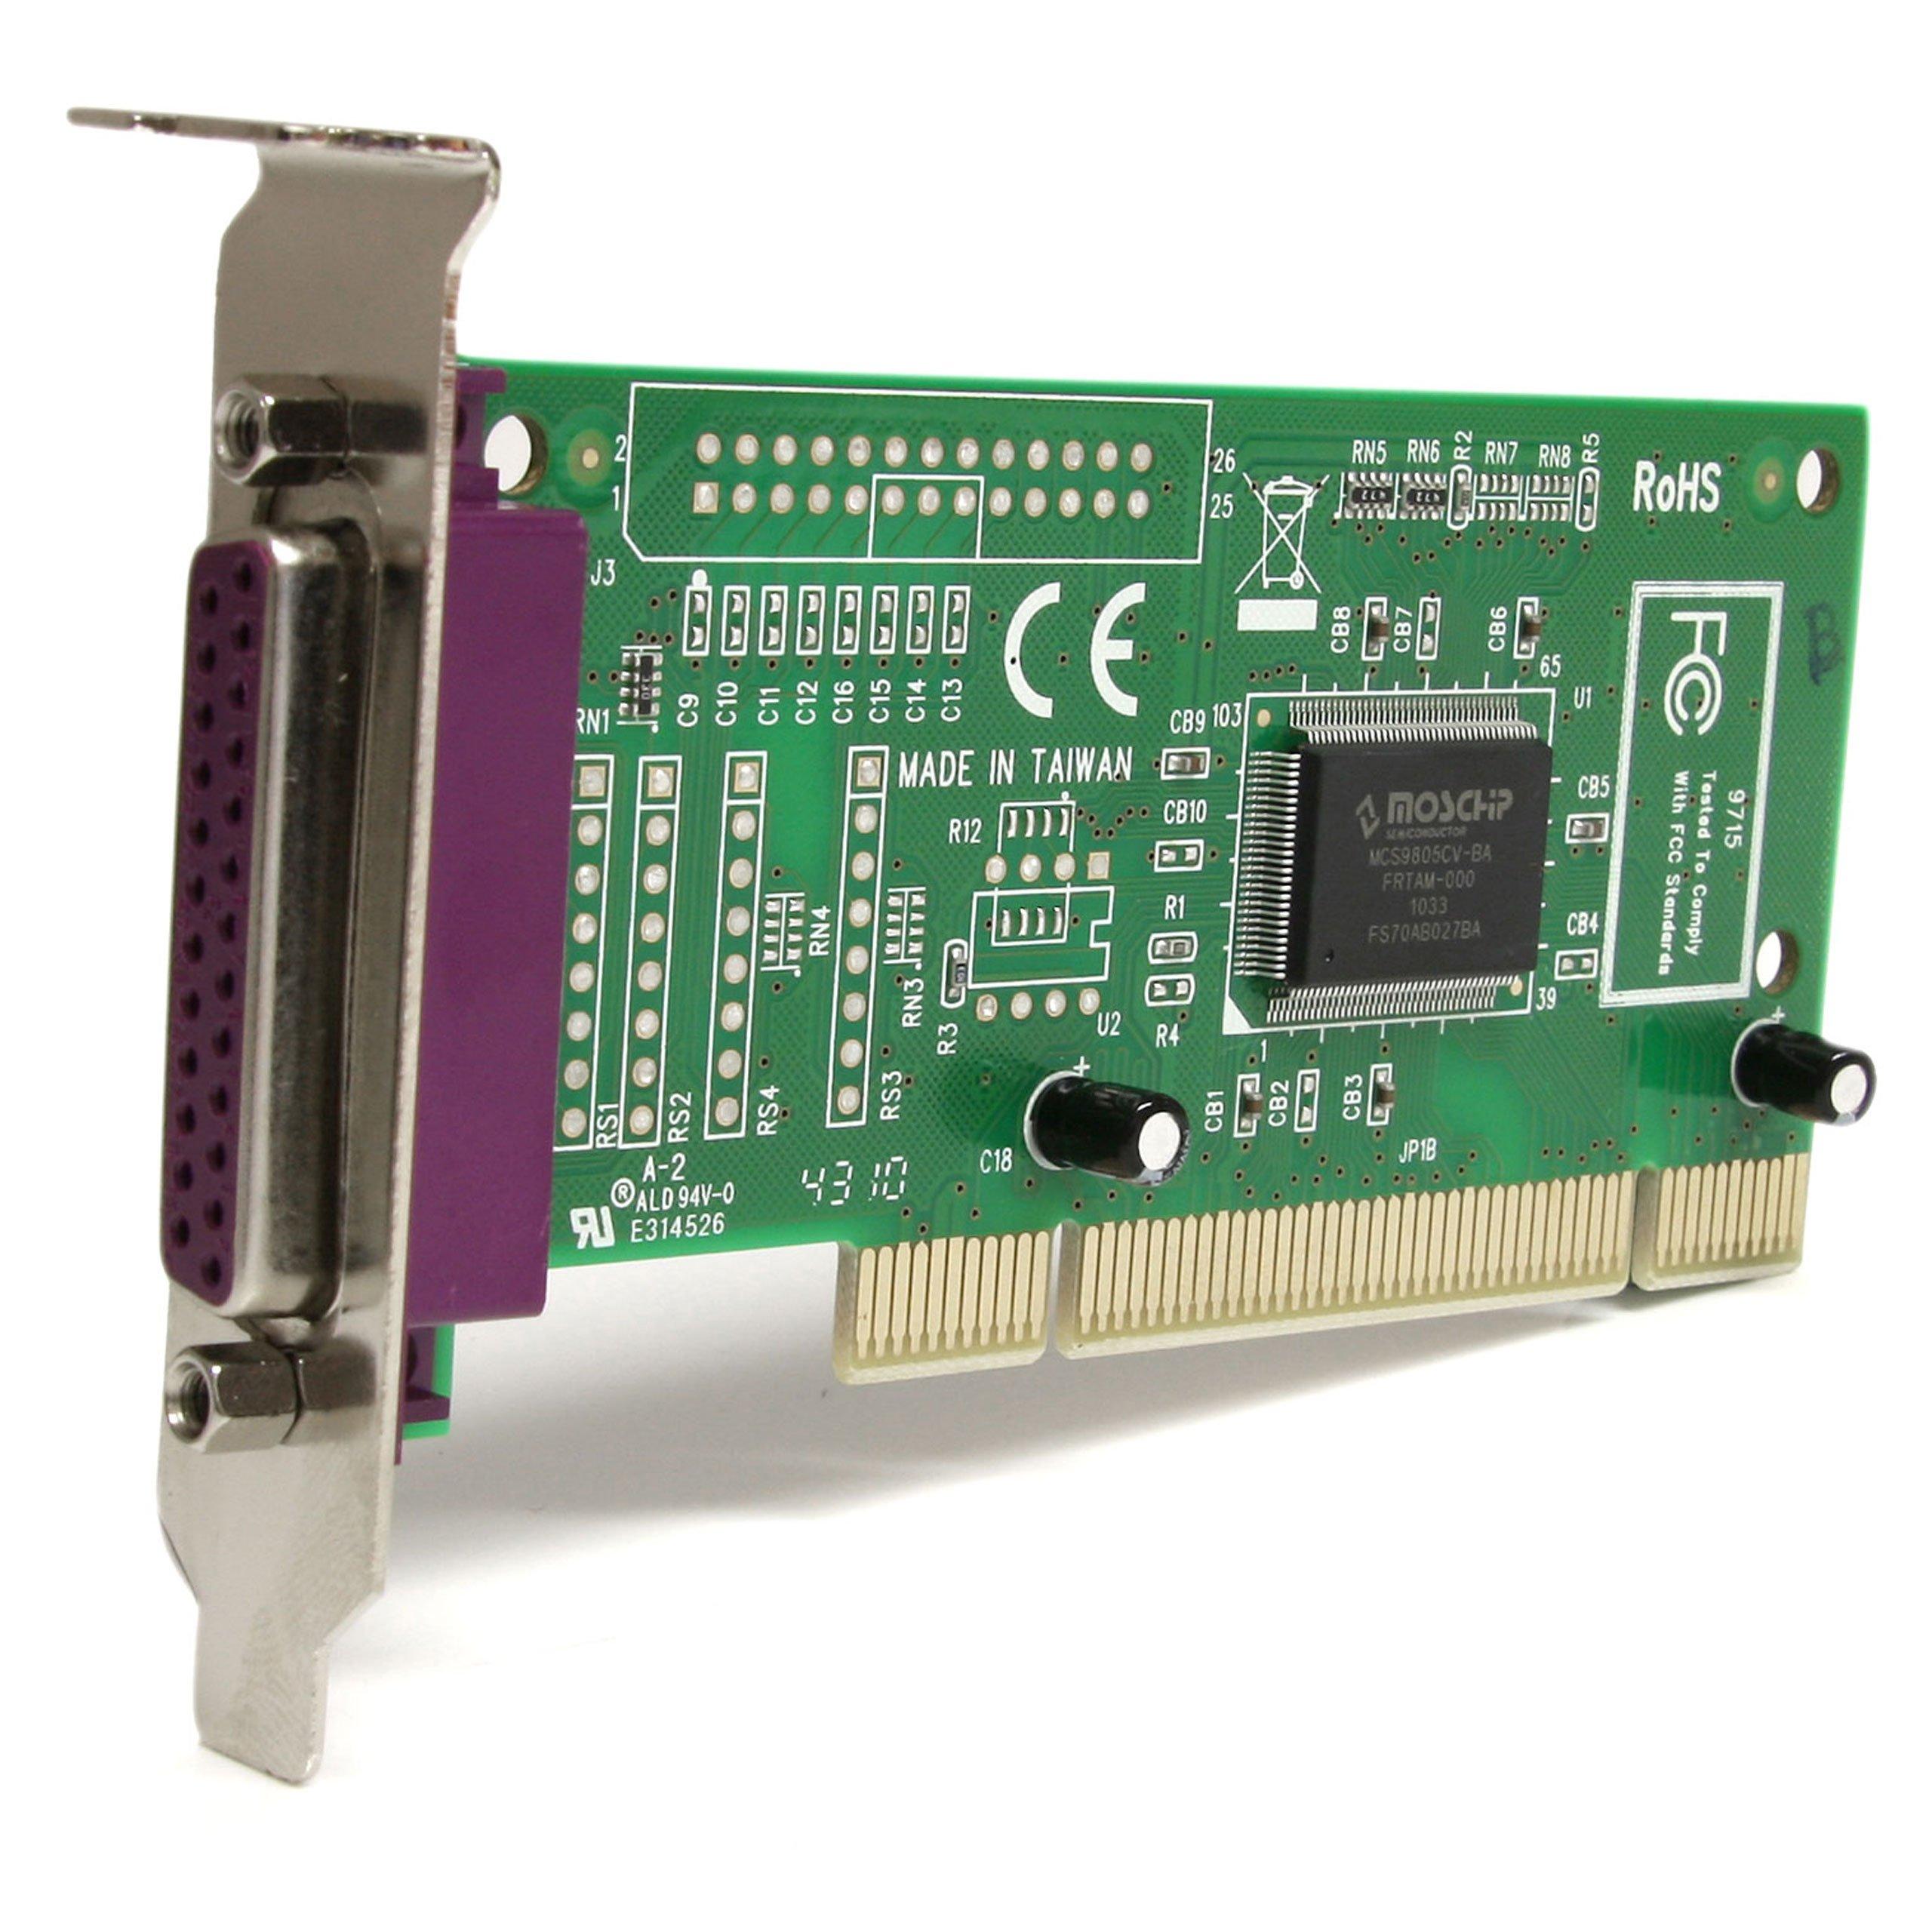 FidgetFidget Battery Mix PVC Heat Shrink Wraps 50pcs